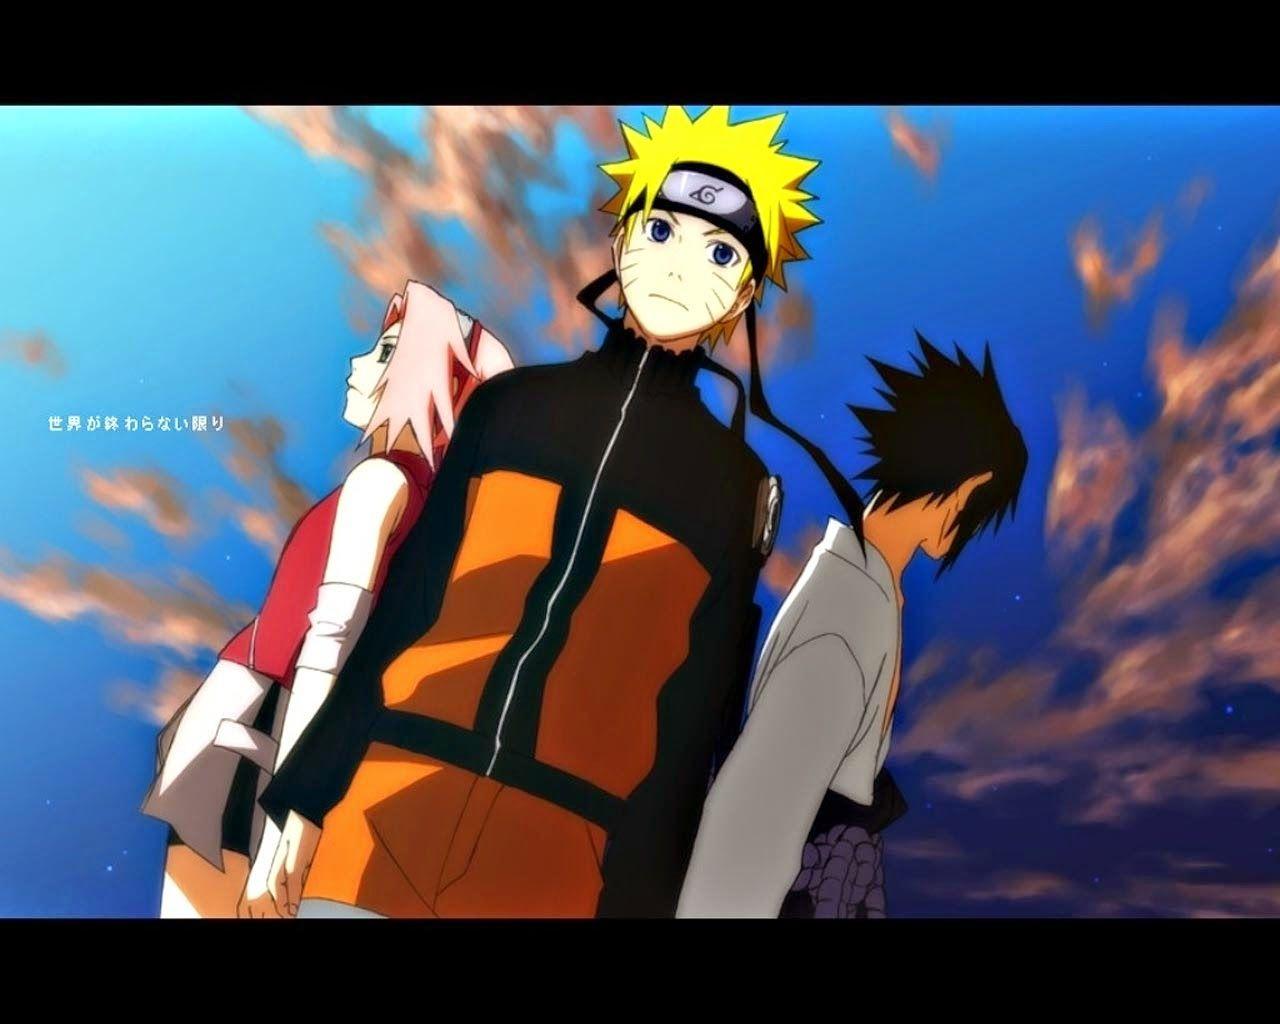 Naruto Live Wallpaper for PC Sakura sasuke Anime Naruto